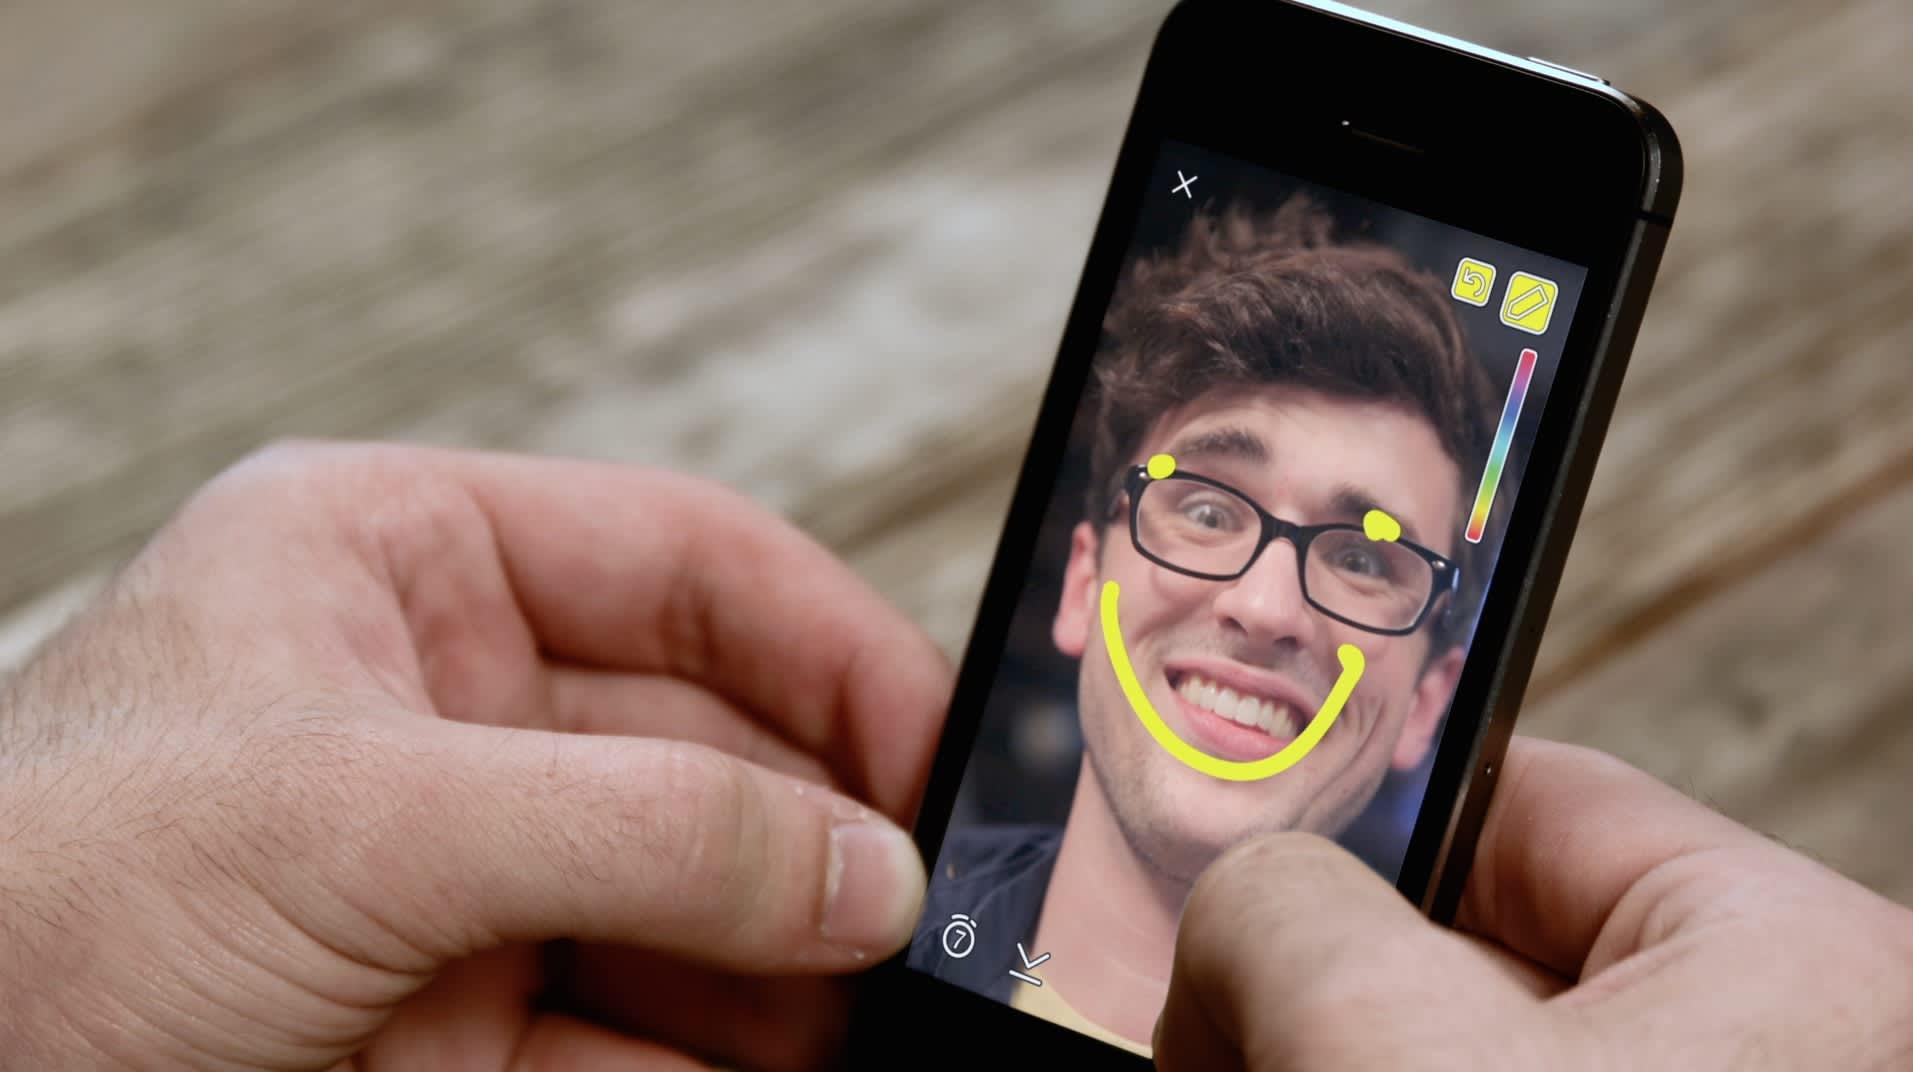 Nuorten suosiossa oleva Snapchat -sovellus